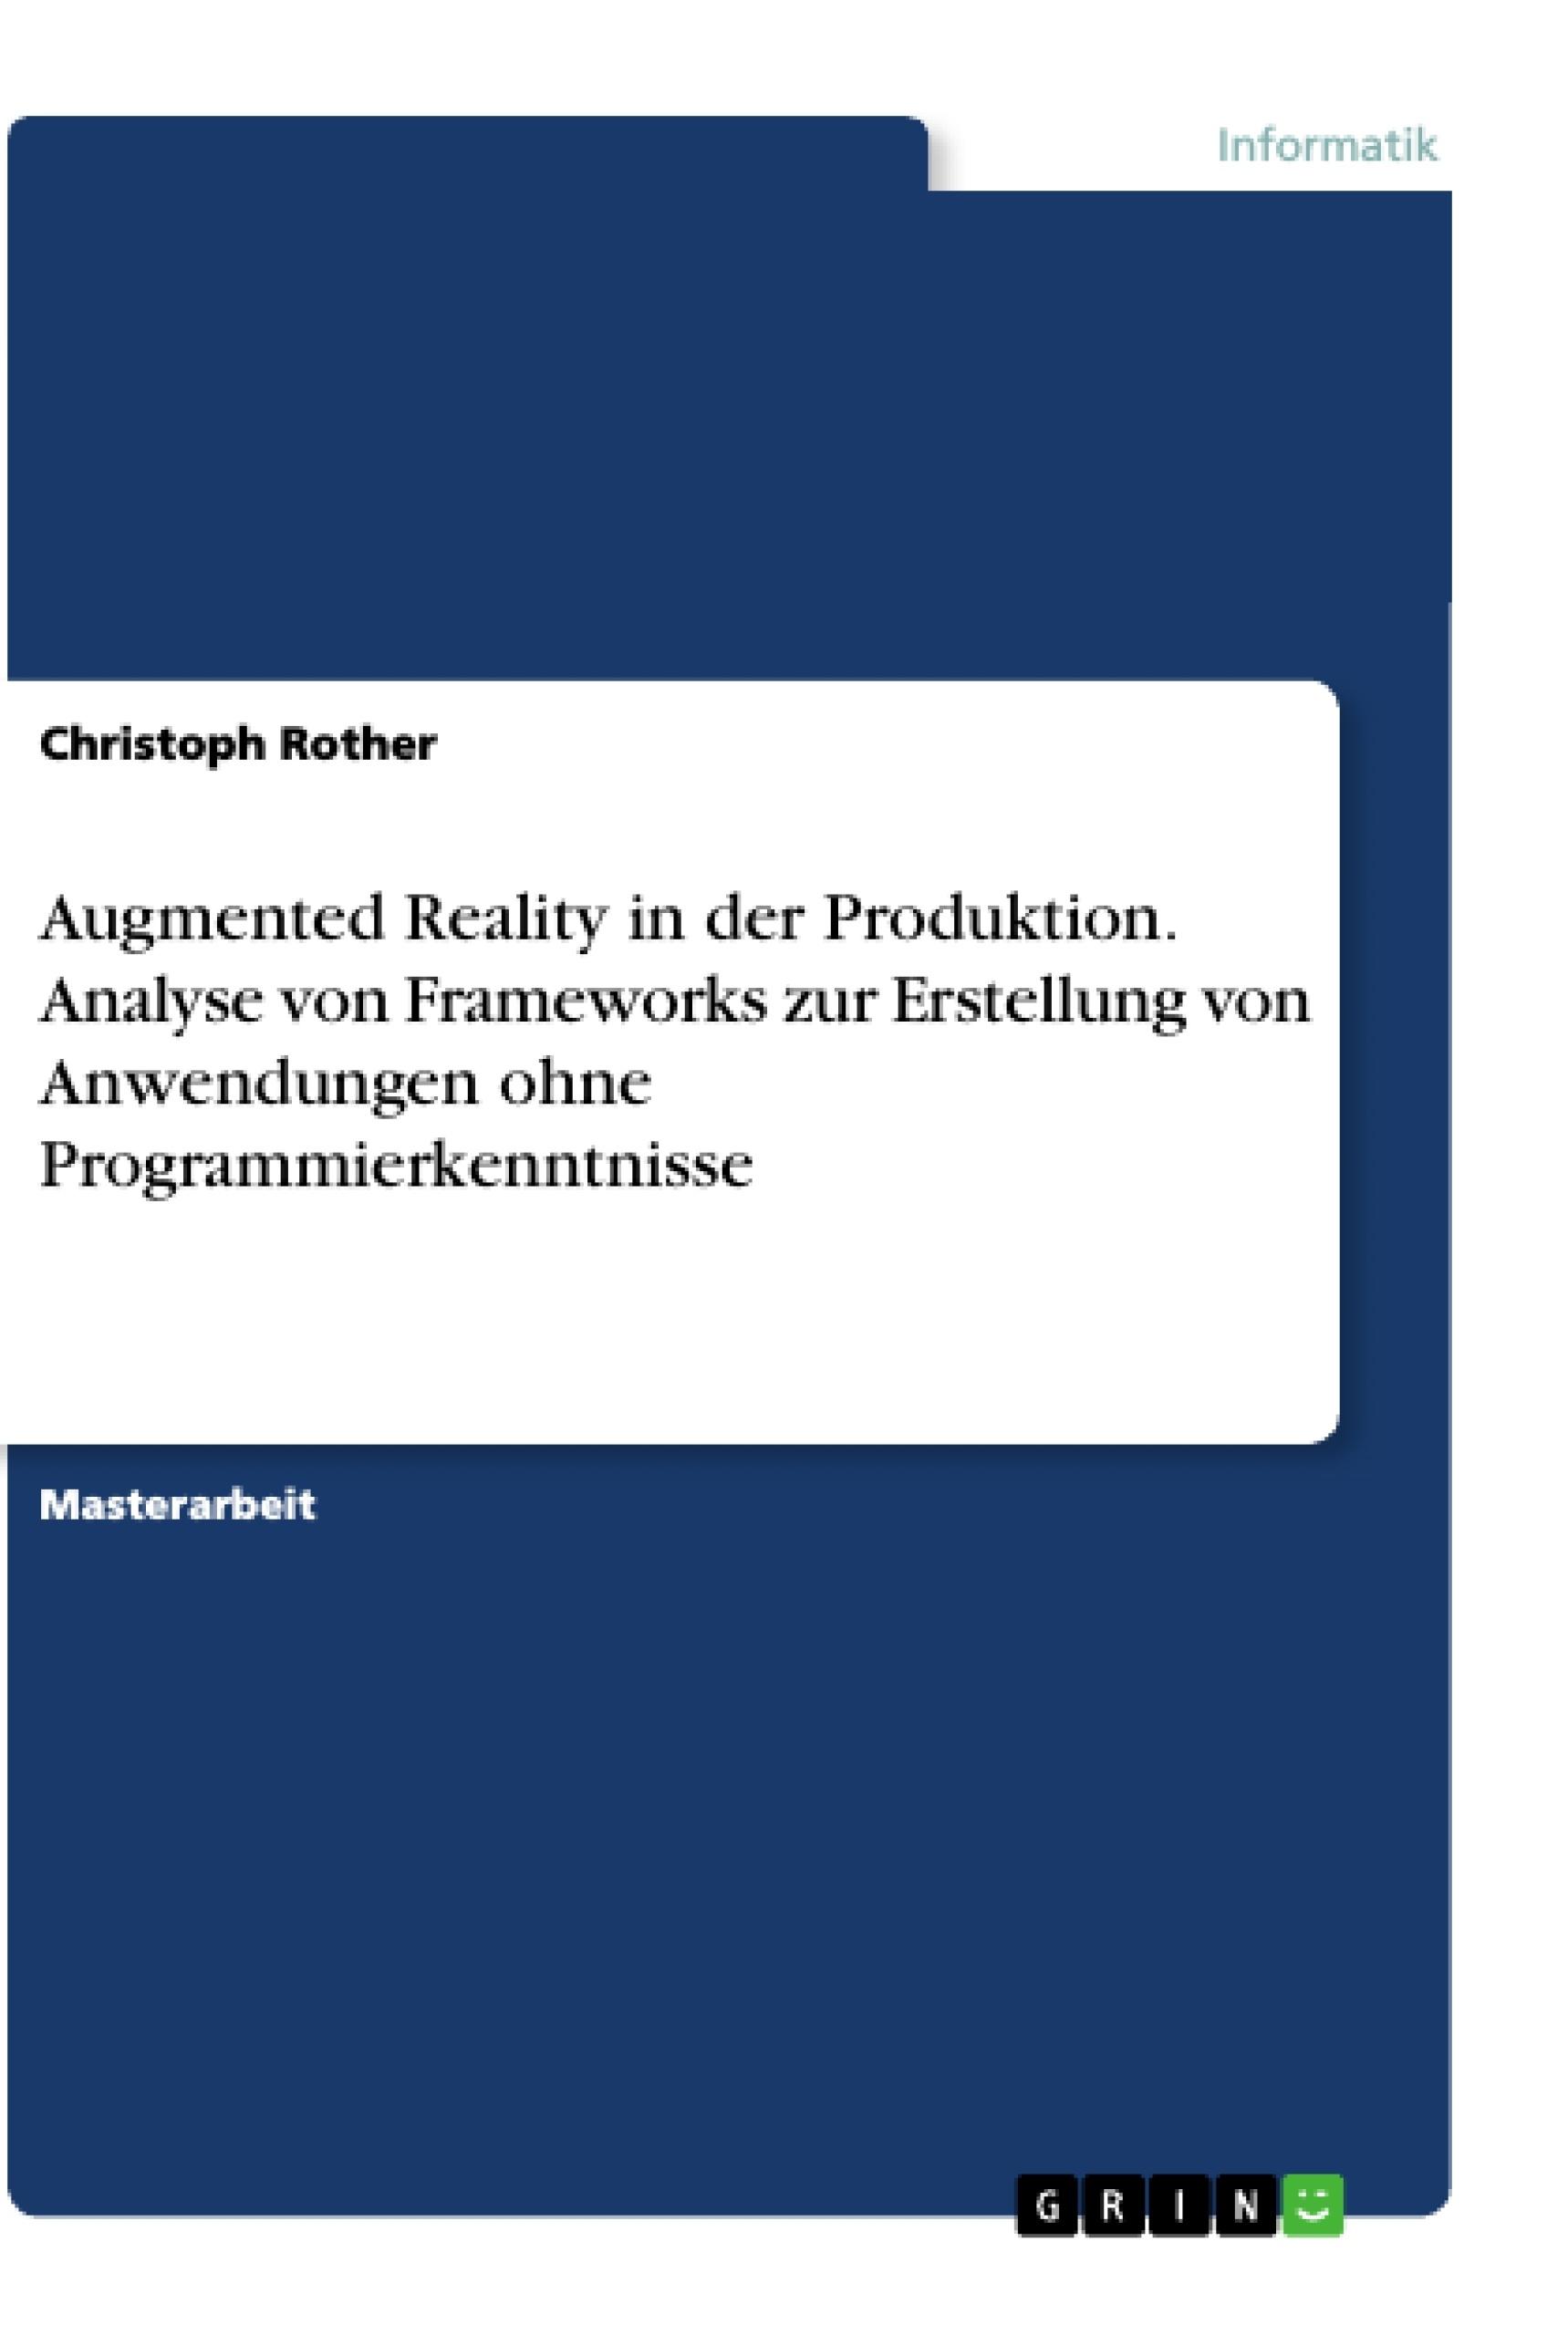 Titel: Augmented Reality in der Produktion. Analyse von Frameworks zur Erstellung von Anwendungen ohne Programmierkenntnisse